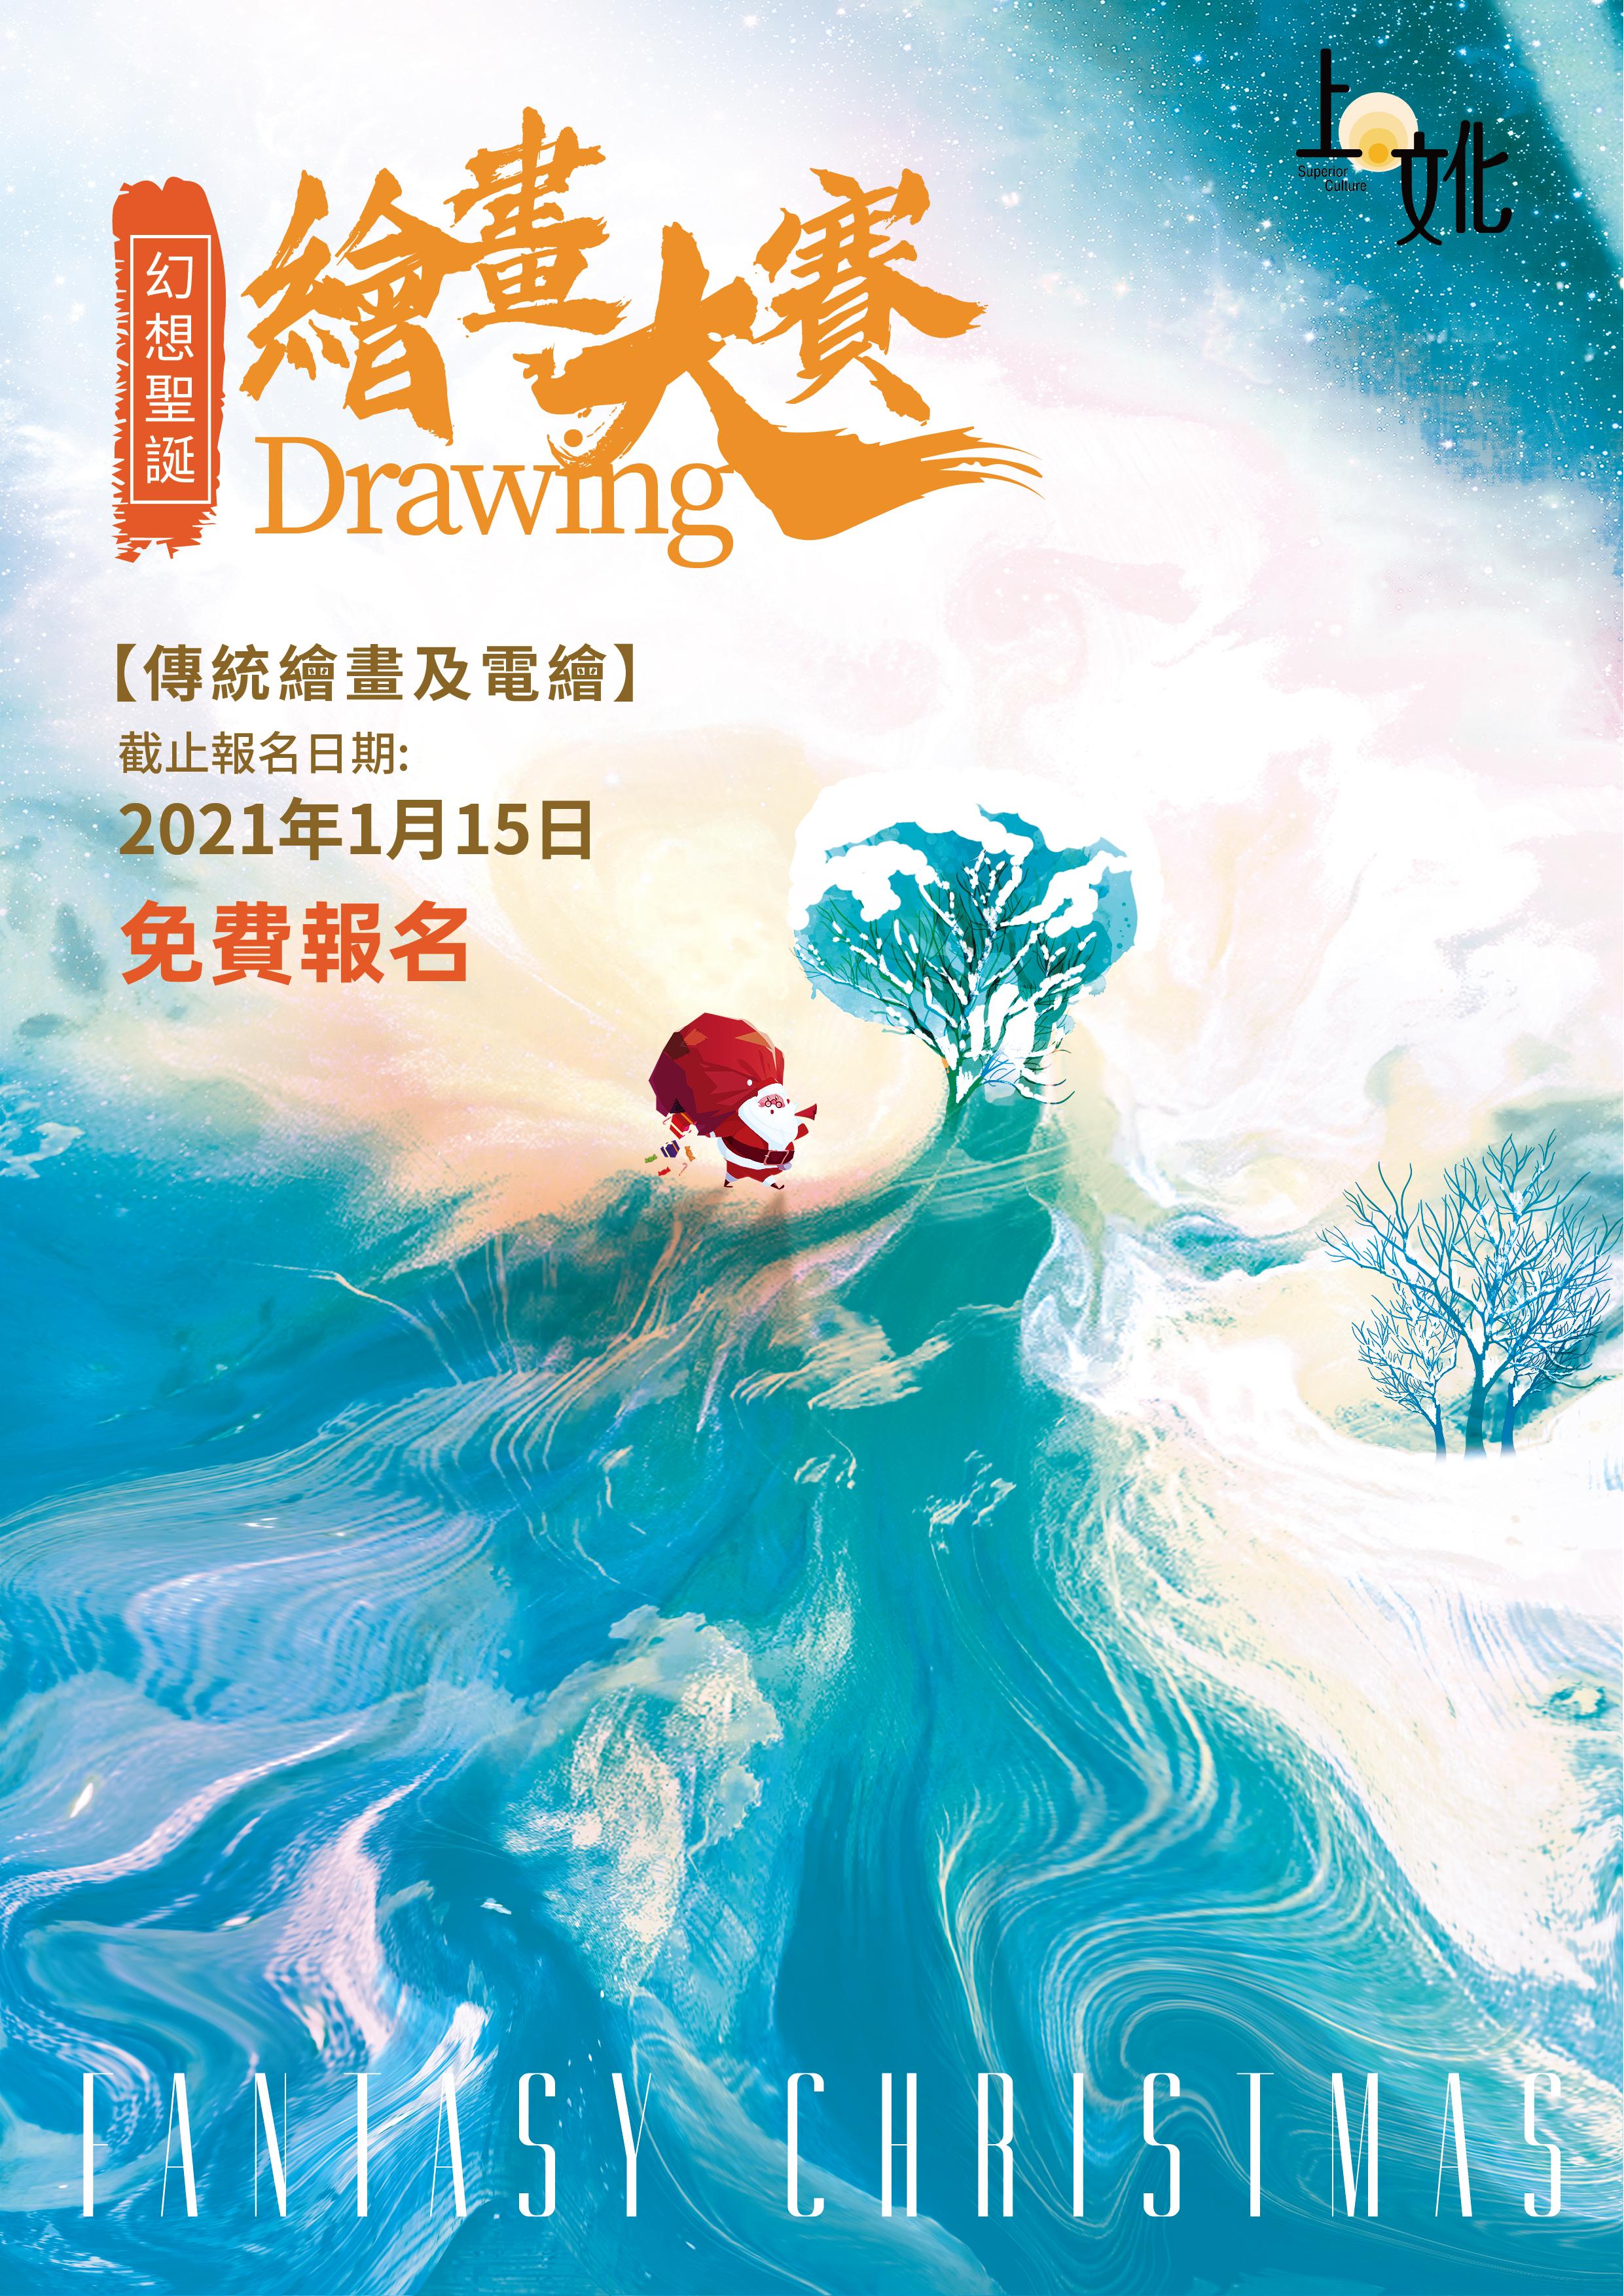 幻想聖誕繪畫大賽 (獎項申請階段)